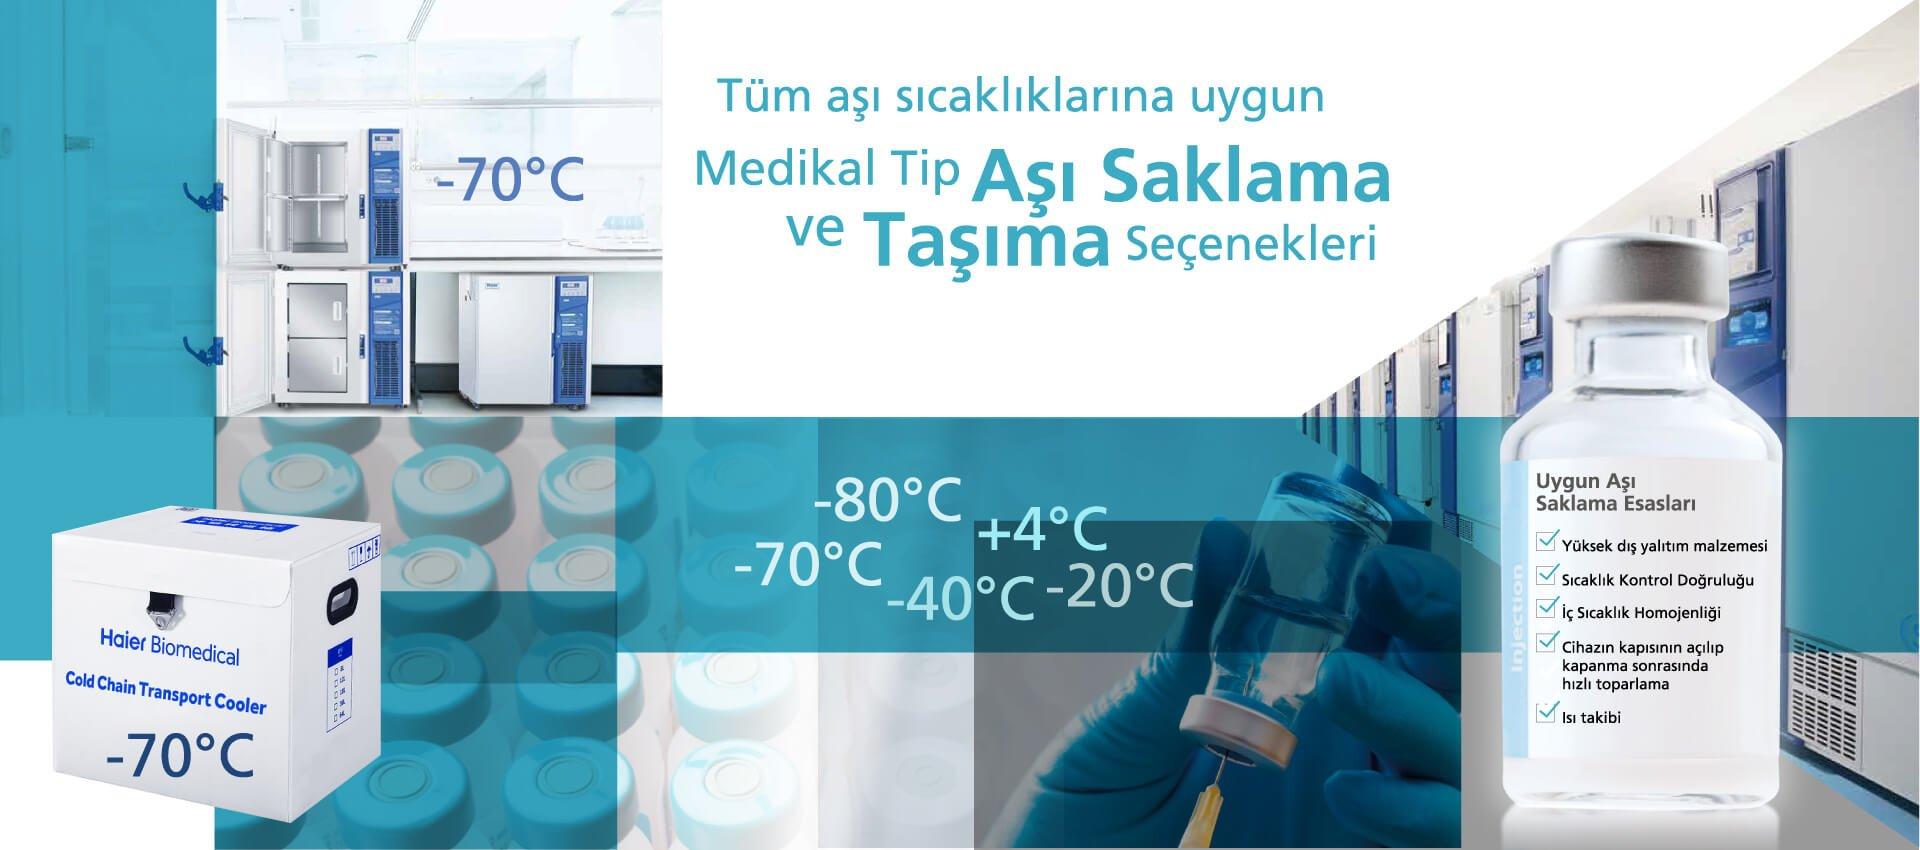 Tüm Aşı Sıcaklıklarına Uygun Medikal Tip Aşı Saklama ve Taşıma Seçenekleri - Laboratuvar Malzemeleri ve Cihazları, İstanbul ve Ankara